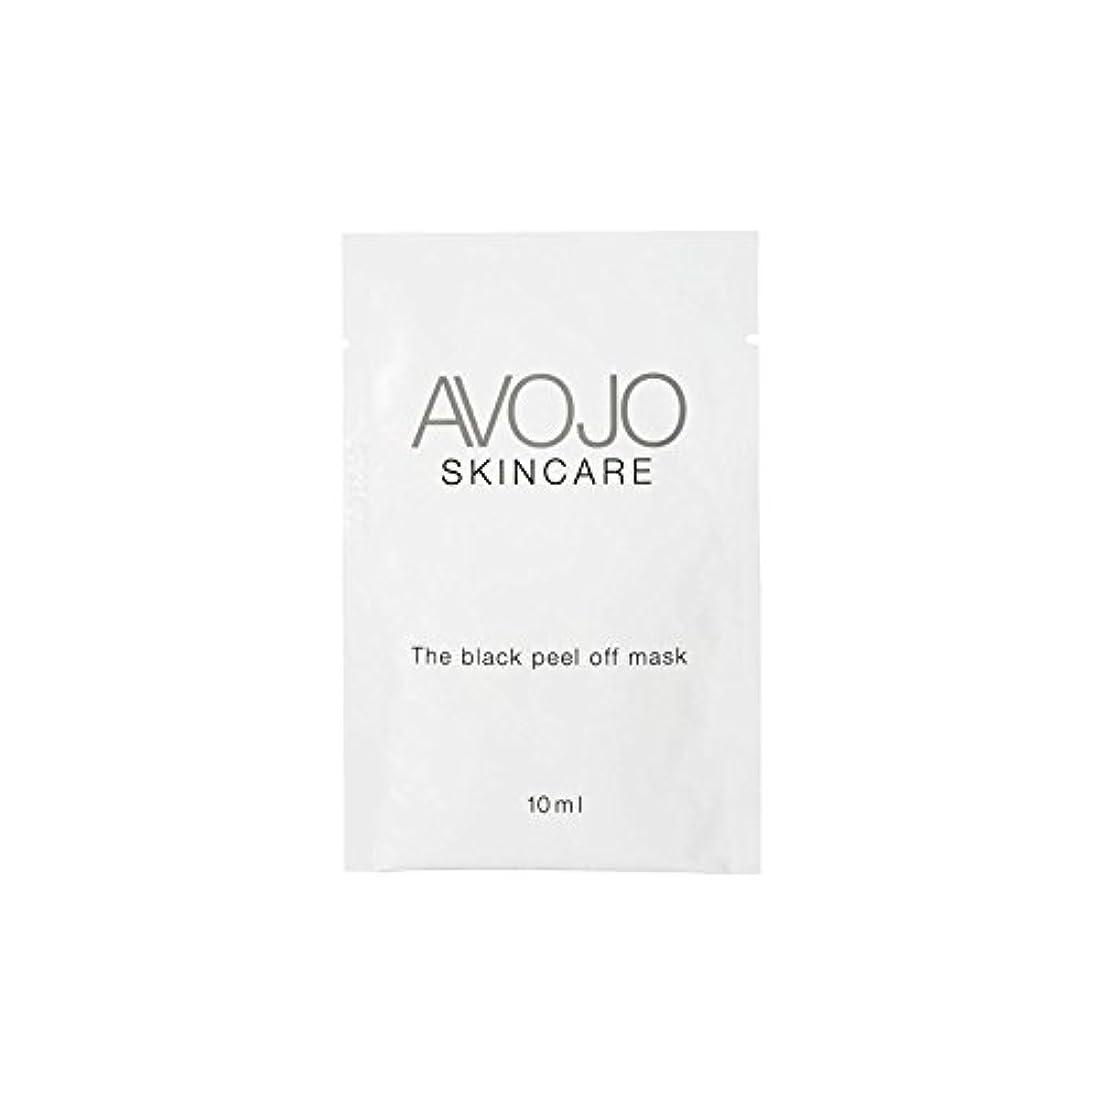 すき単調な製造- ブラックピールオフマスク - 小袋(10ミリリットル×4) x2 - Avojo - The Black Peel Off Mask - Sachet (10ml X 4) (Pack of 2) [並行輸入品]